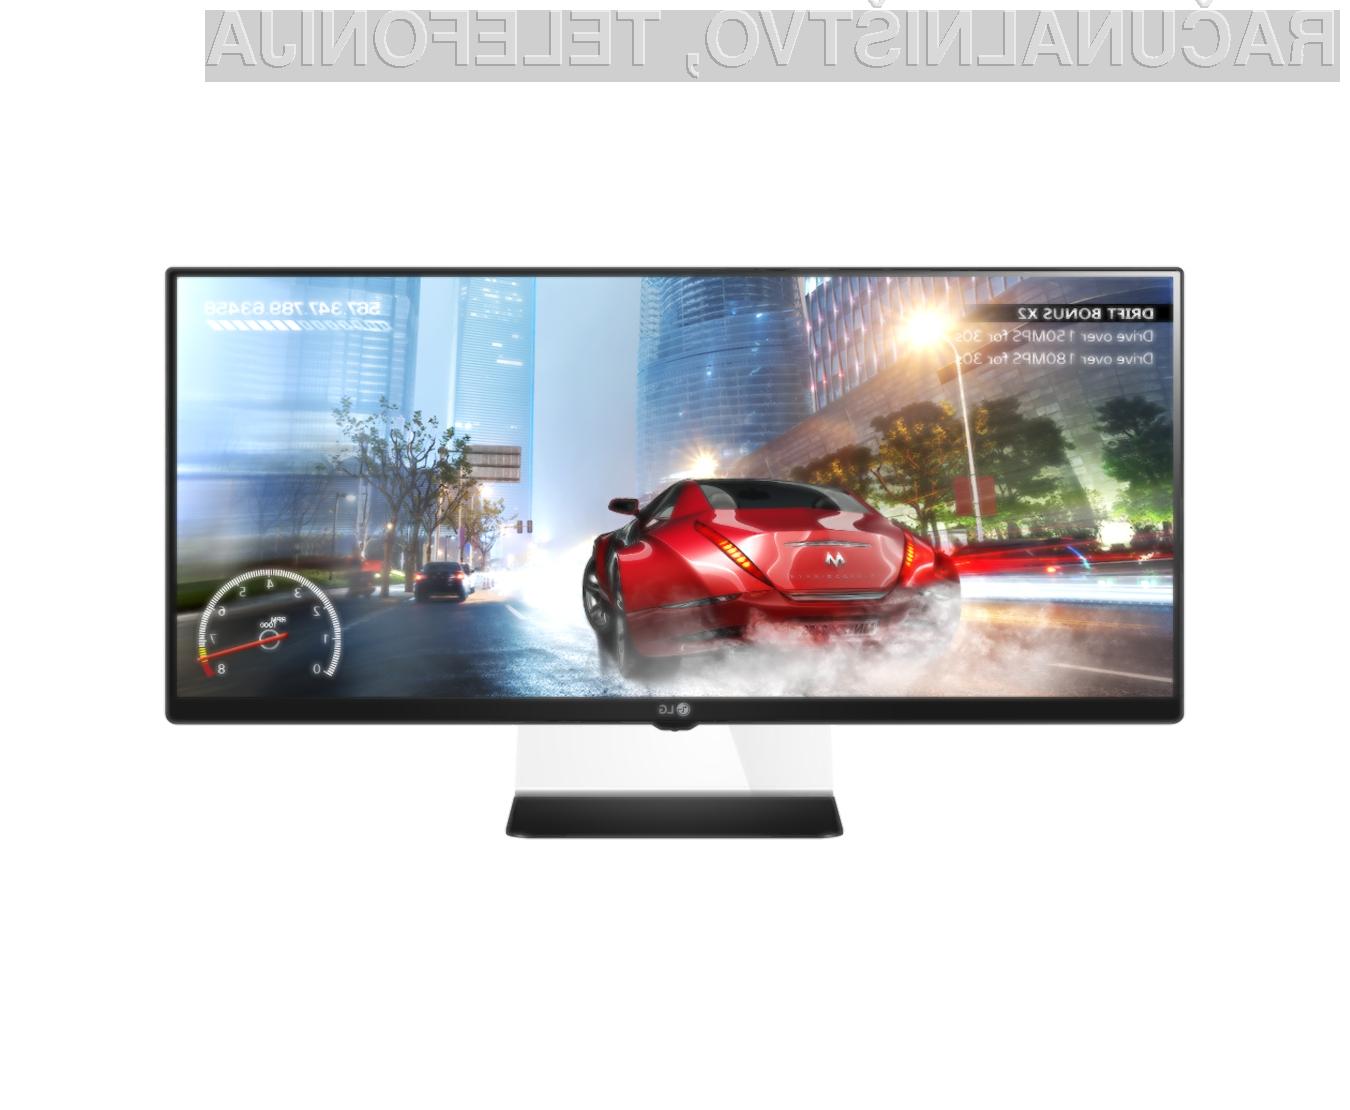 LG je v sodelovanju s podjetjem AMD v monitor IPS formata 21:9 vključil tehnologijo FreeSync, ki zagotavlja najboljšo izkušnjo računalnikih iger brez trganja ali zamrzovanja slike.